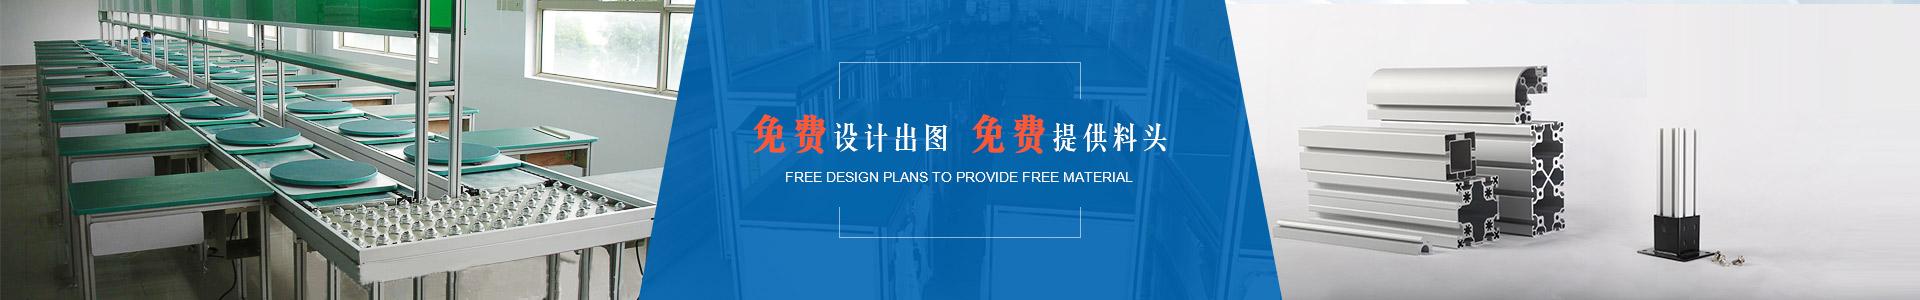 美诚铝业铝型材工作台免费设计出图